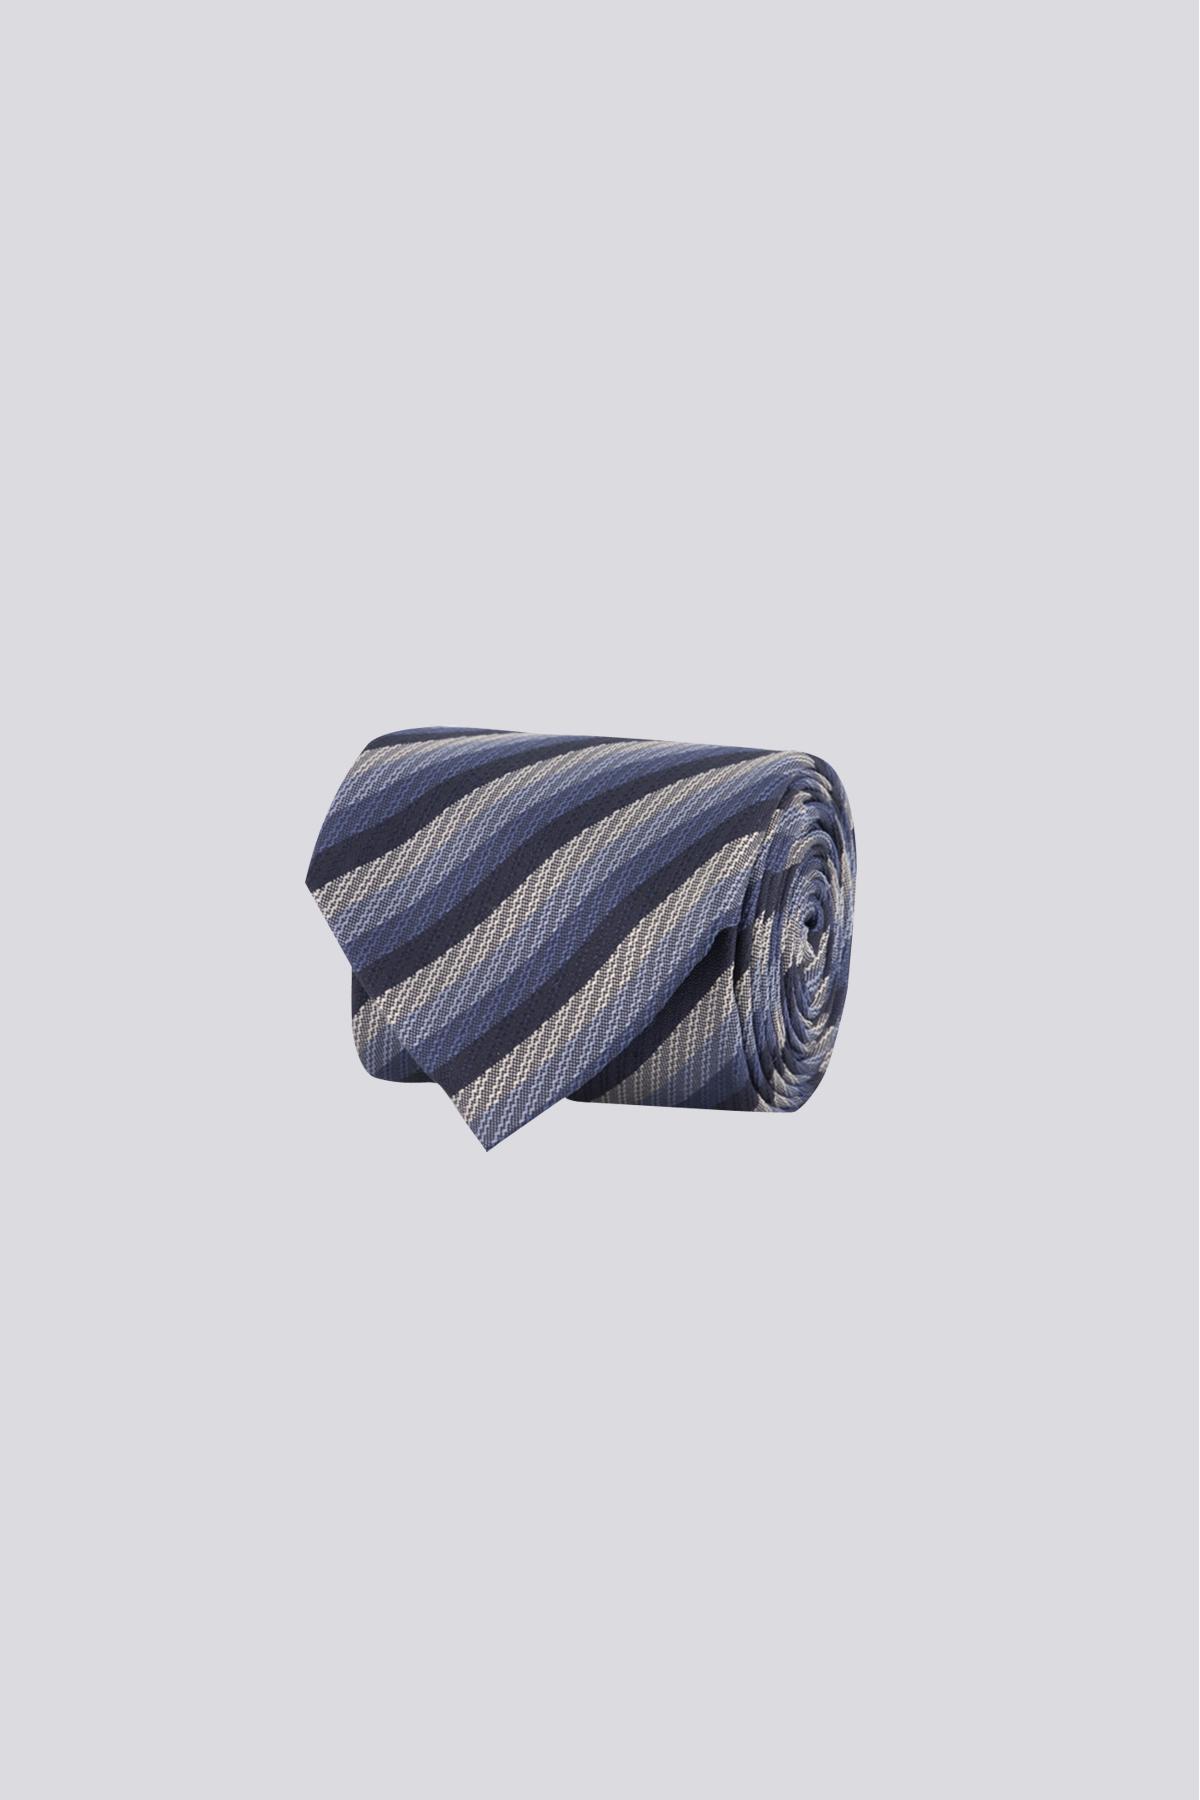 Corbata de seda marca CANALI azul indigo con rayas diagonales